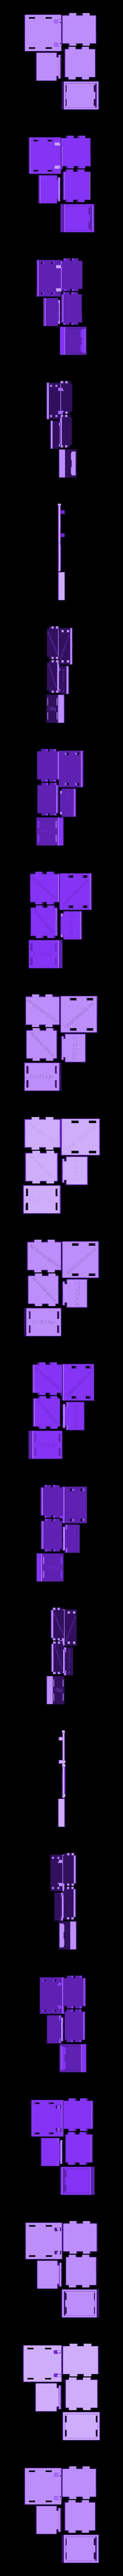 Siege_Tower_Assembly_Parts_2of2_(Modular Castle Playset - 3D-printable)_By_CreativeTools.se.stl Télécharger fichier STL gratuit Plateau modulaire de château (imprimable en 3D) • Modèle à imprimer en 3D, CreativeTools